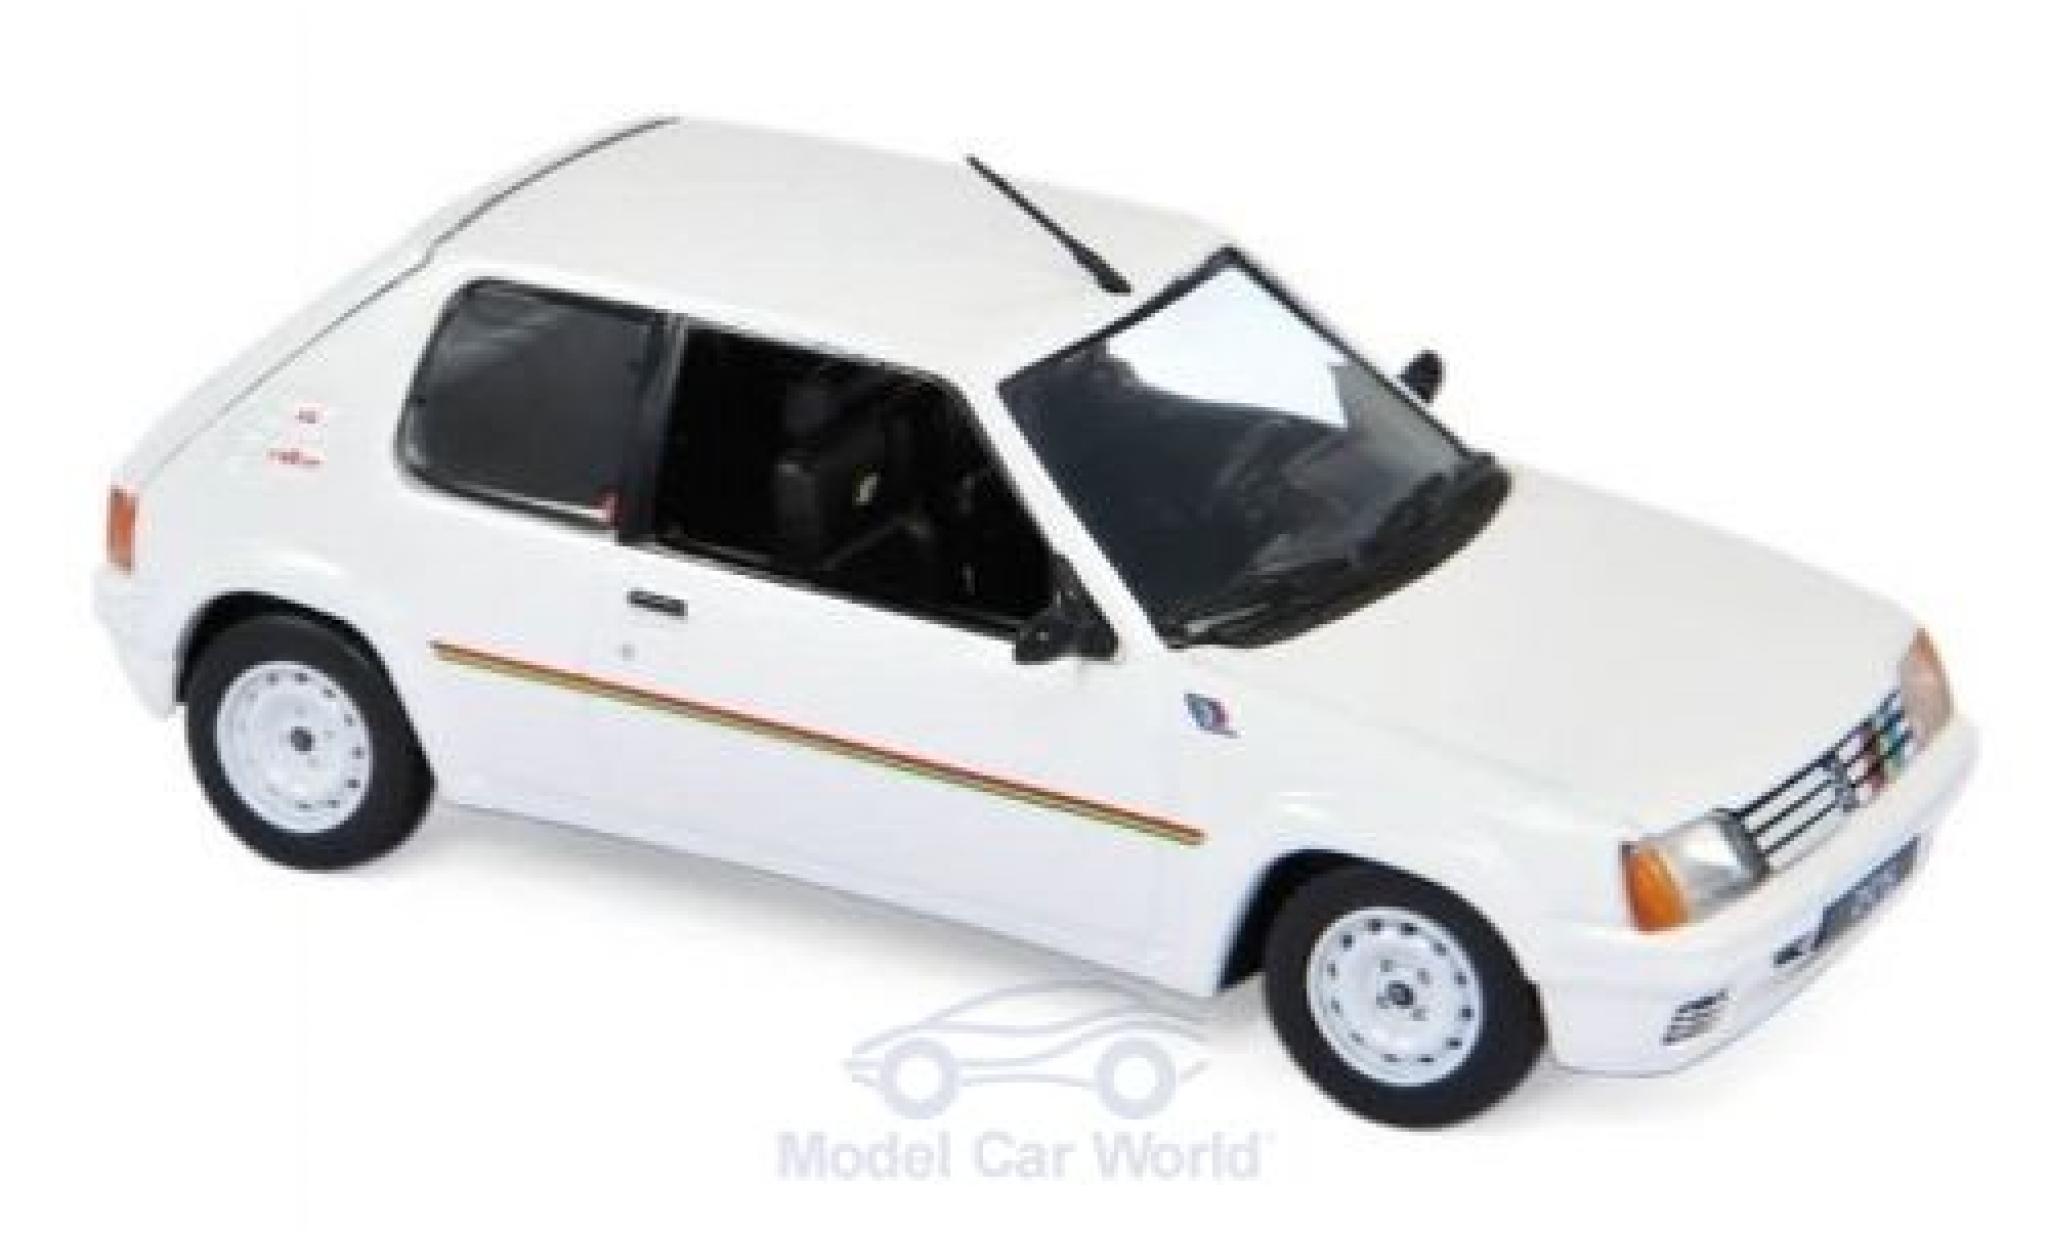 Peugeot 205 1/43 Norev Rallye blanche/Dekor 1988